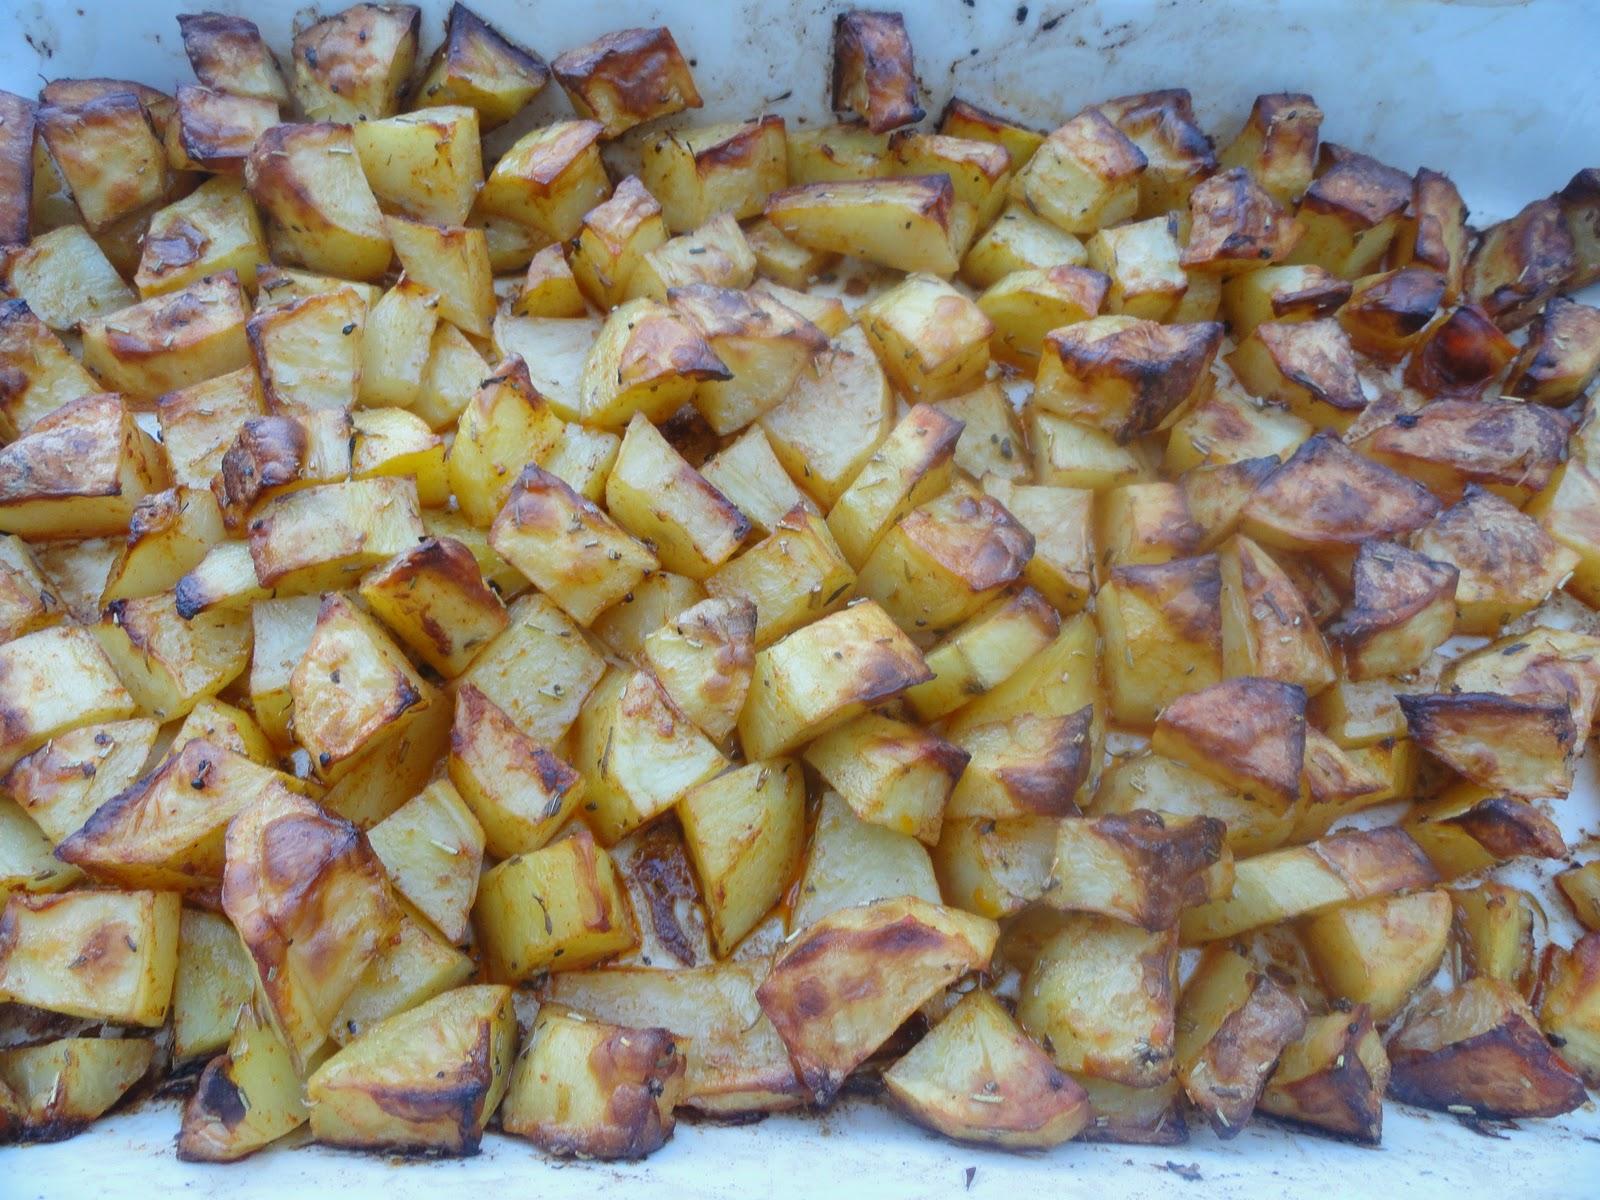 Mes exp riences culinaires pommes de terres frites au four - Frites pour friteuse au four ...